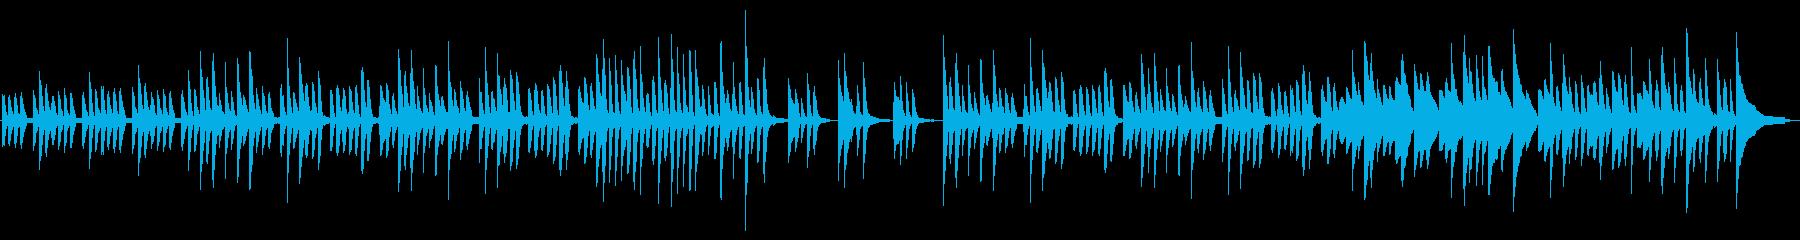 可愛らしい日常系ピアノの再生済みの波形